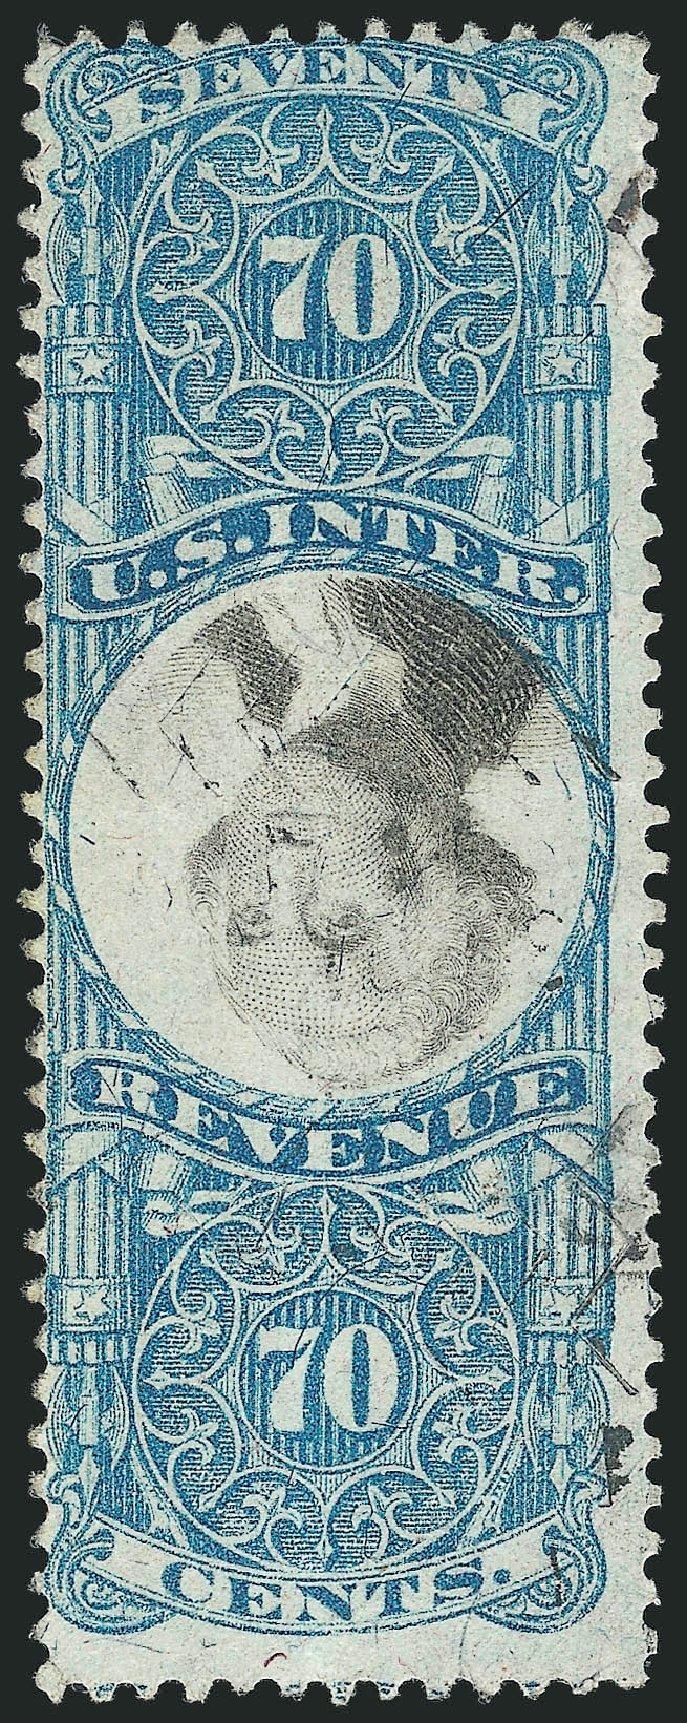 US Stamps Values Scott Cat. R117 - 70c 1871 Revenue Documentary . Robert Siegel Auction Galleries, Apr 2015, Sale 1096, Lot 987